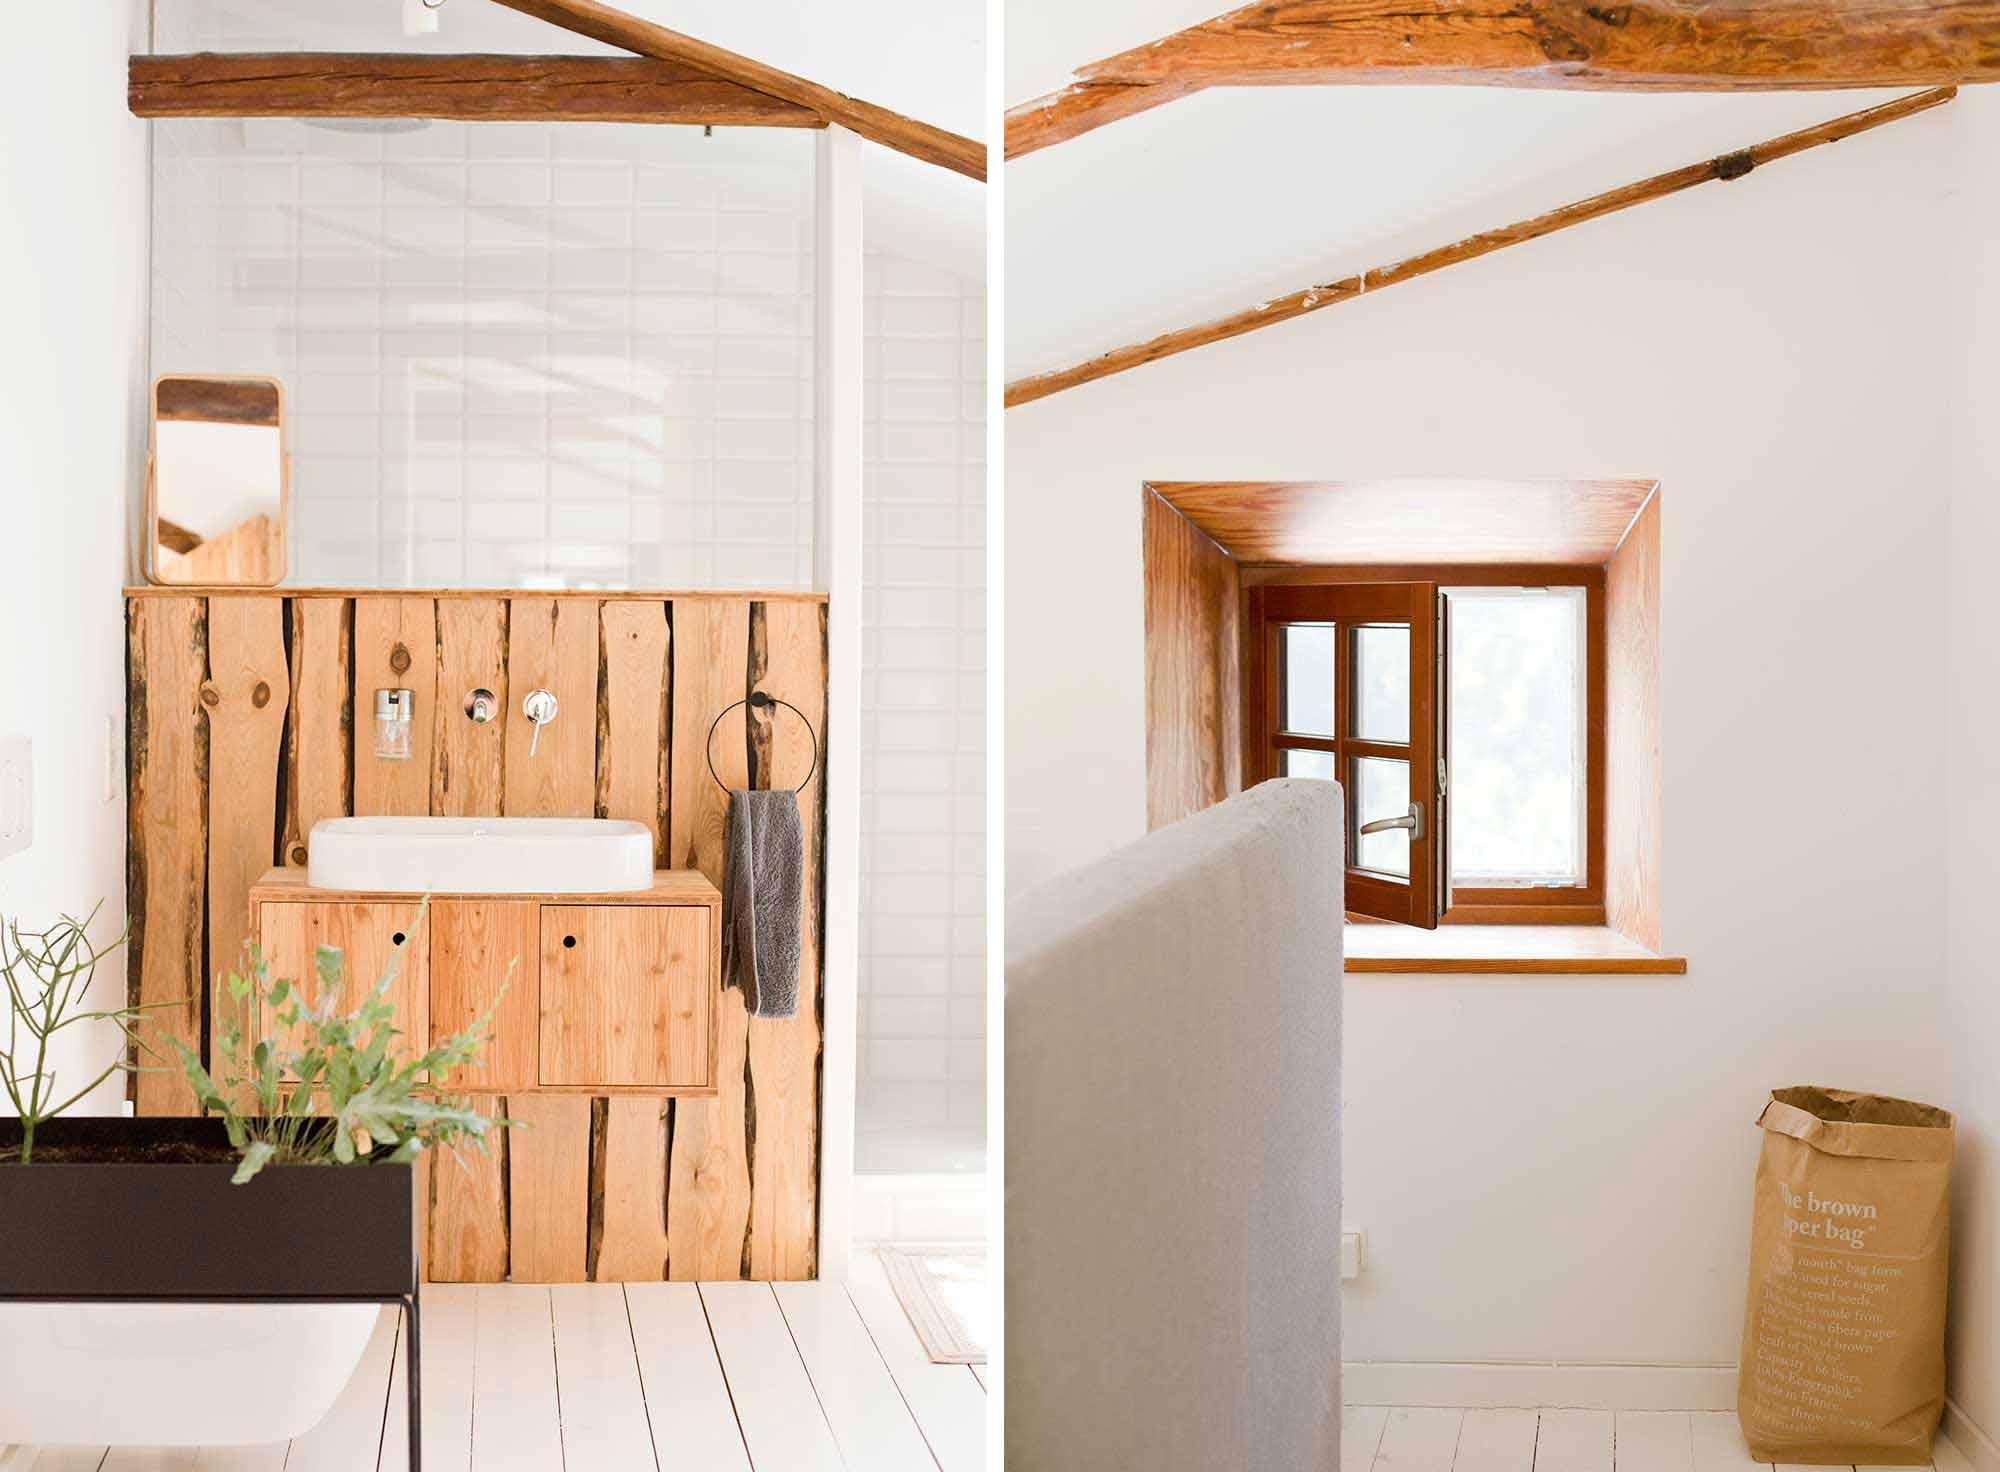 Traumhaus am See bei eBay Kleinanzeigen gefunden! | Femtastics